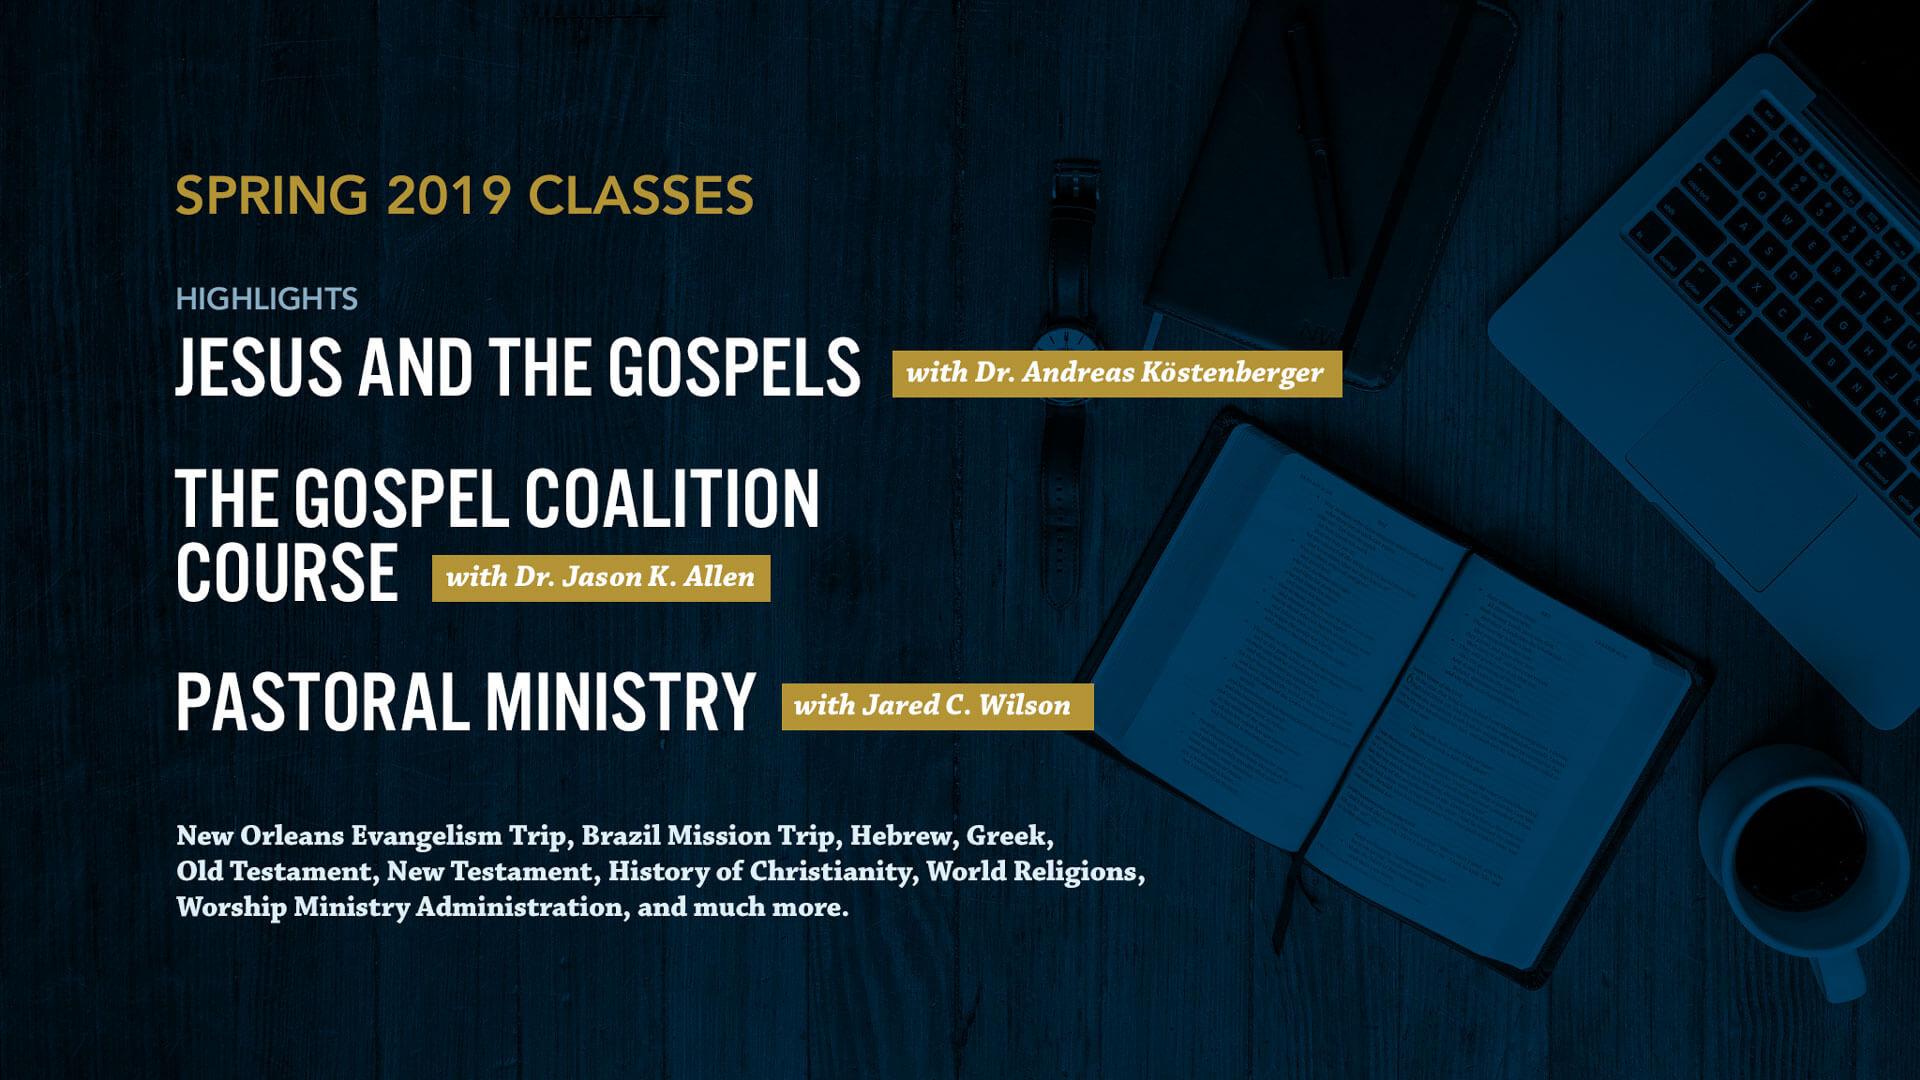 Spring 2019 Classes